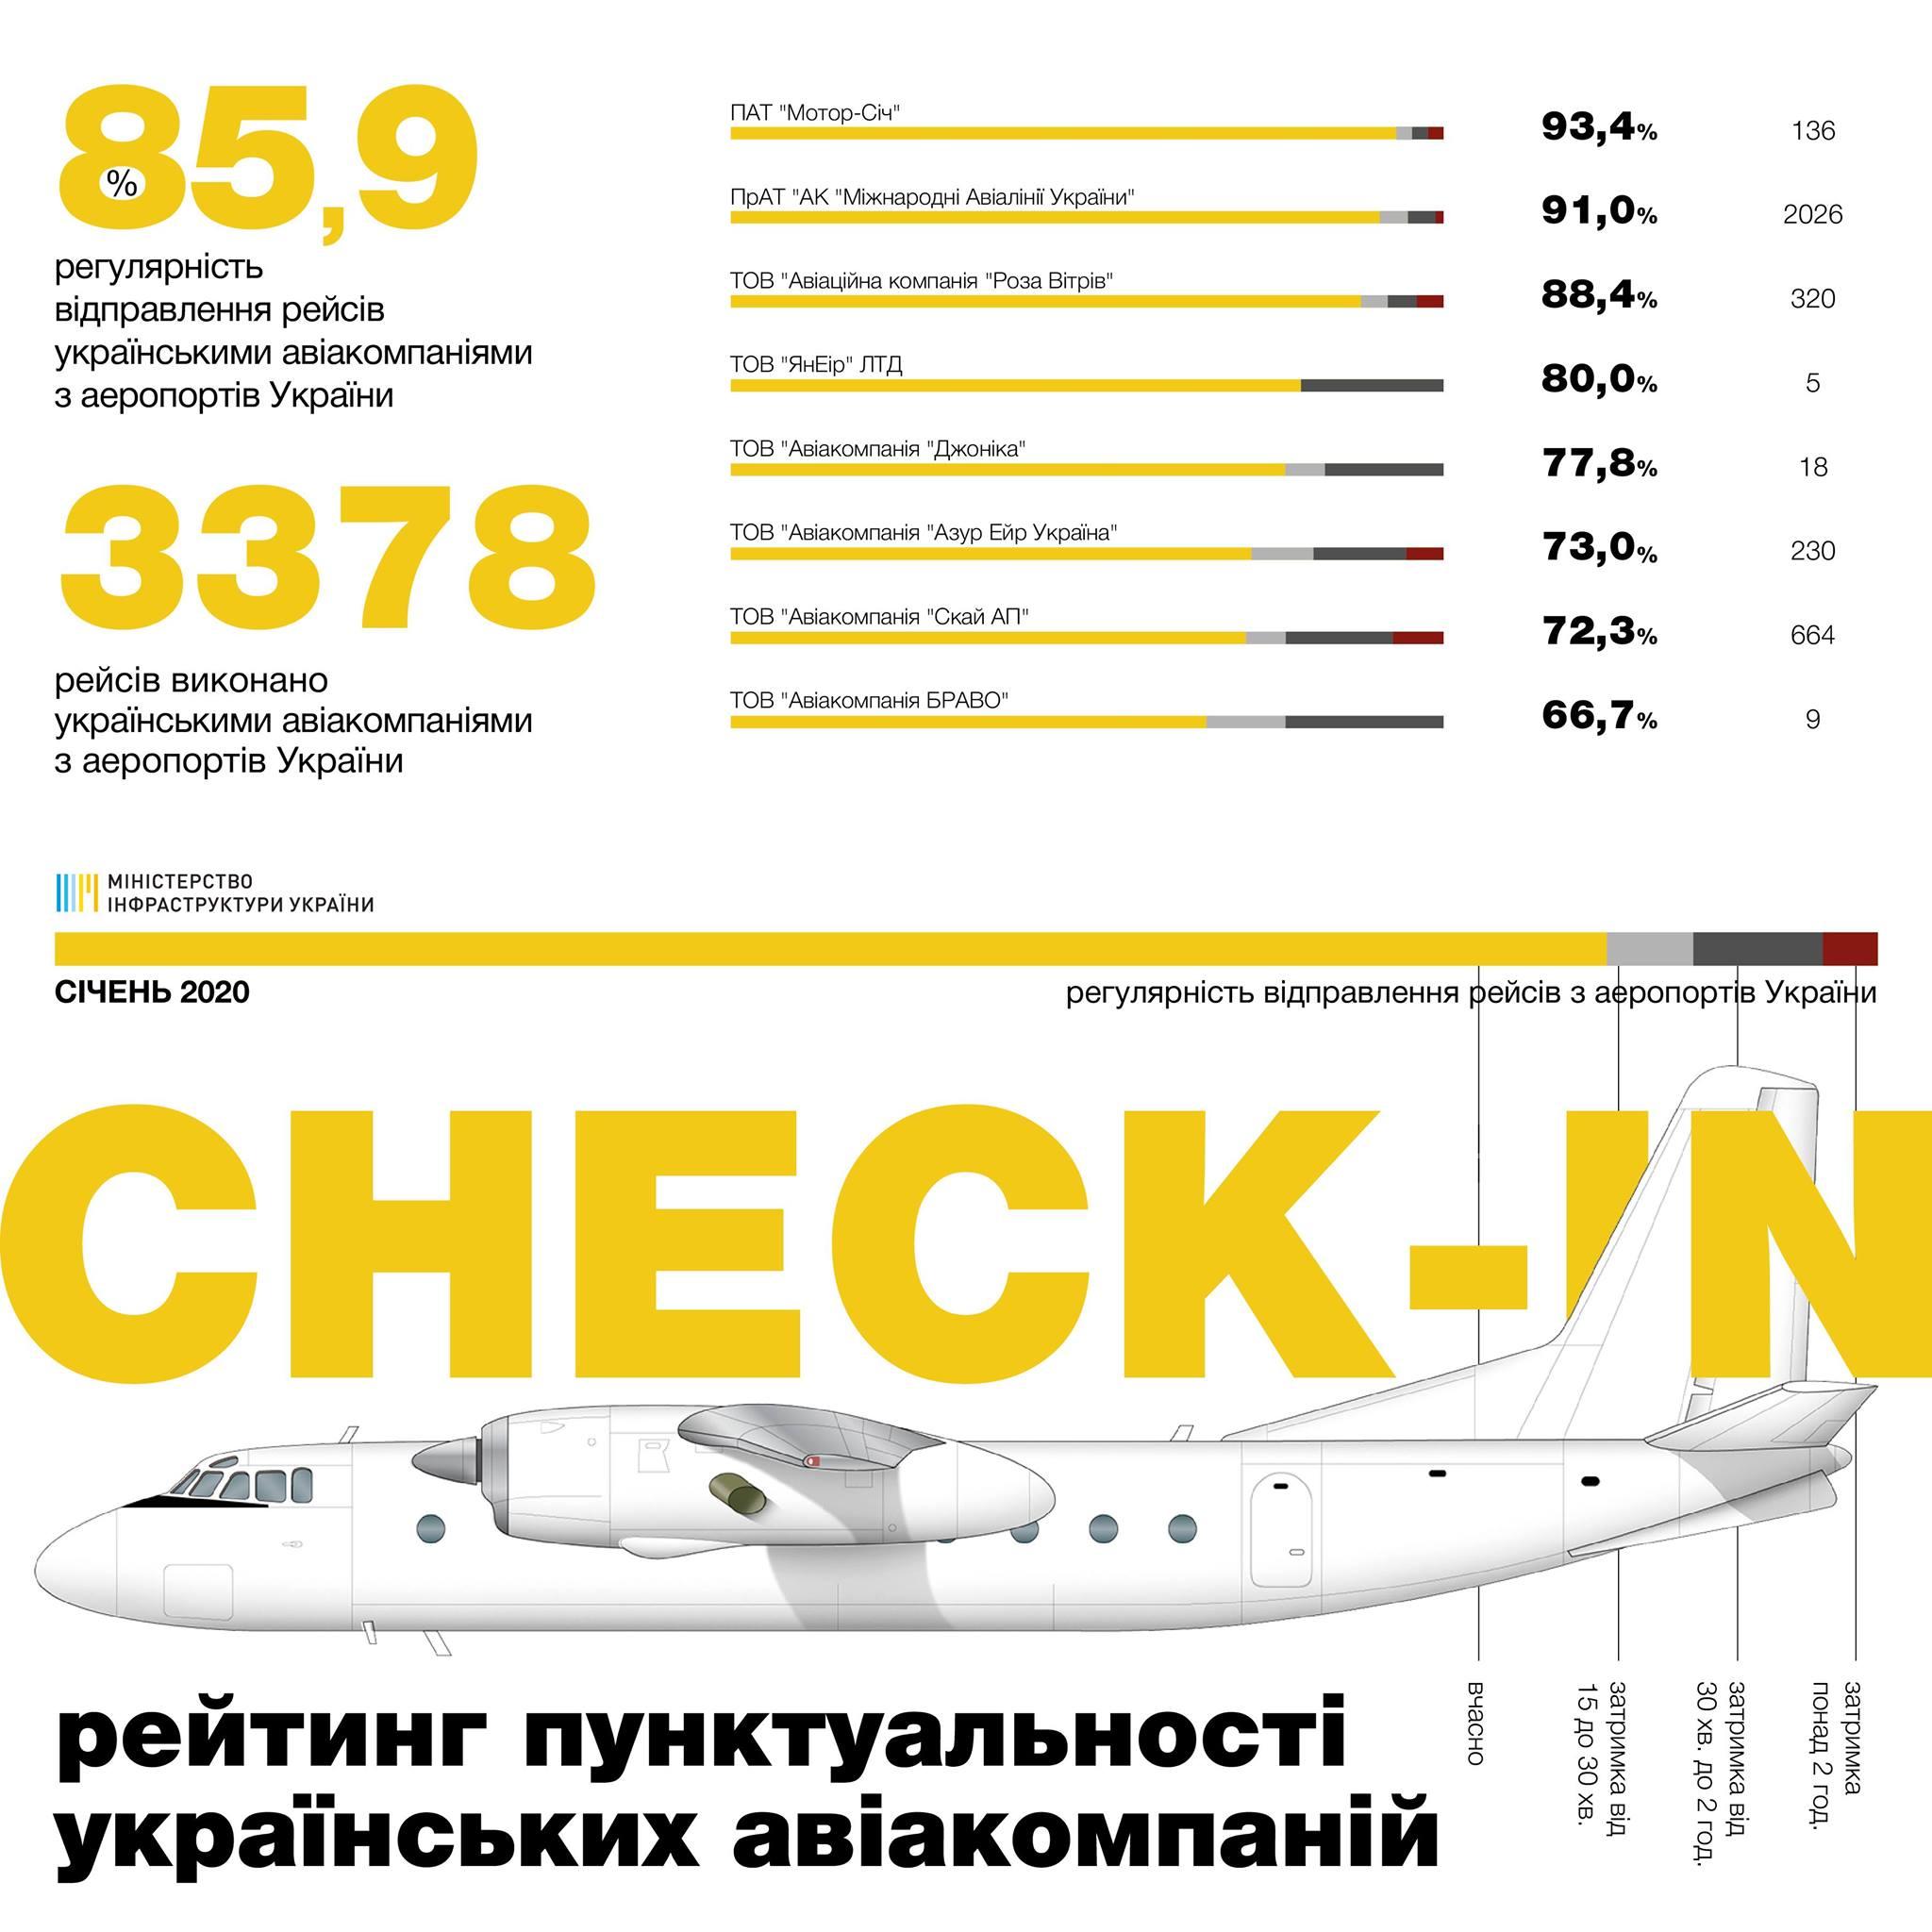 Пунктуальность украинских авиакомпаний в январе 2020 года